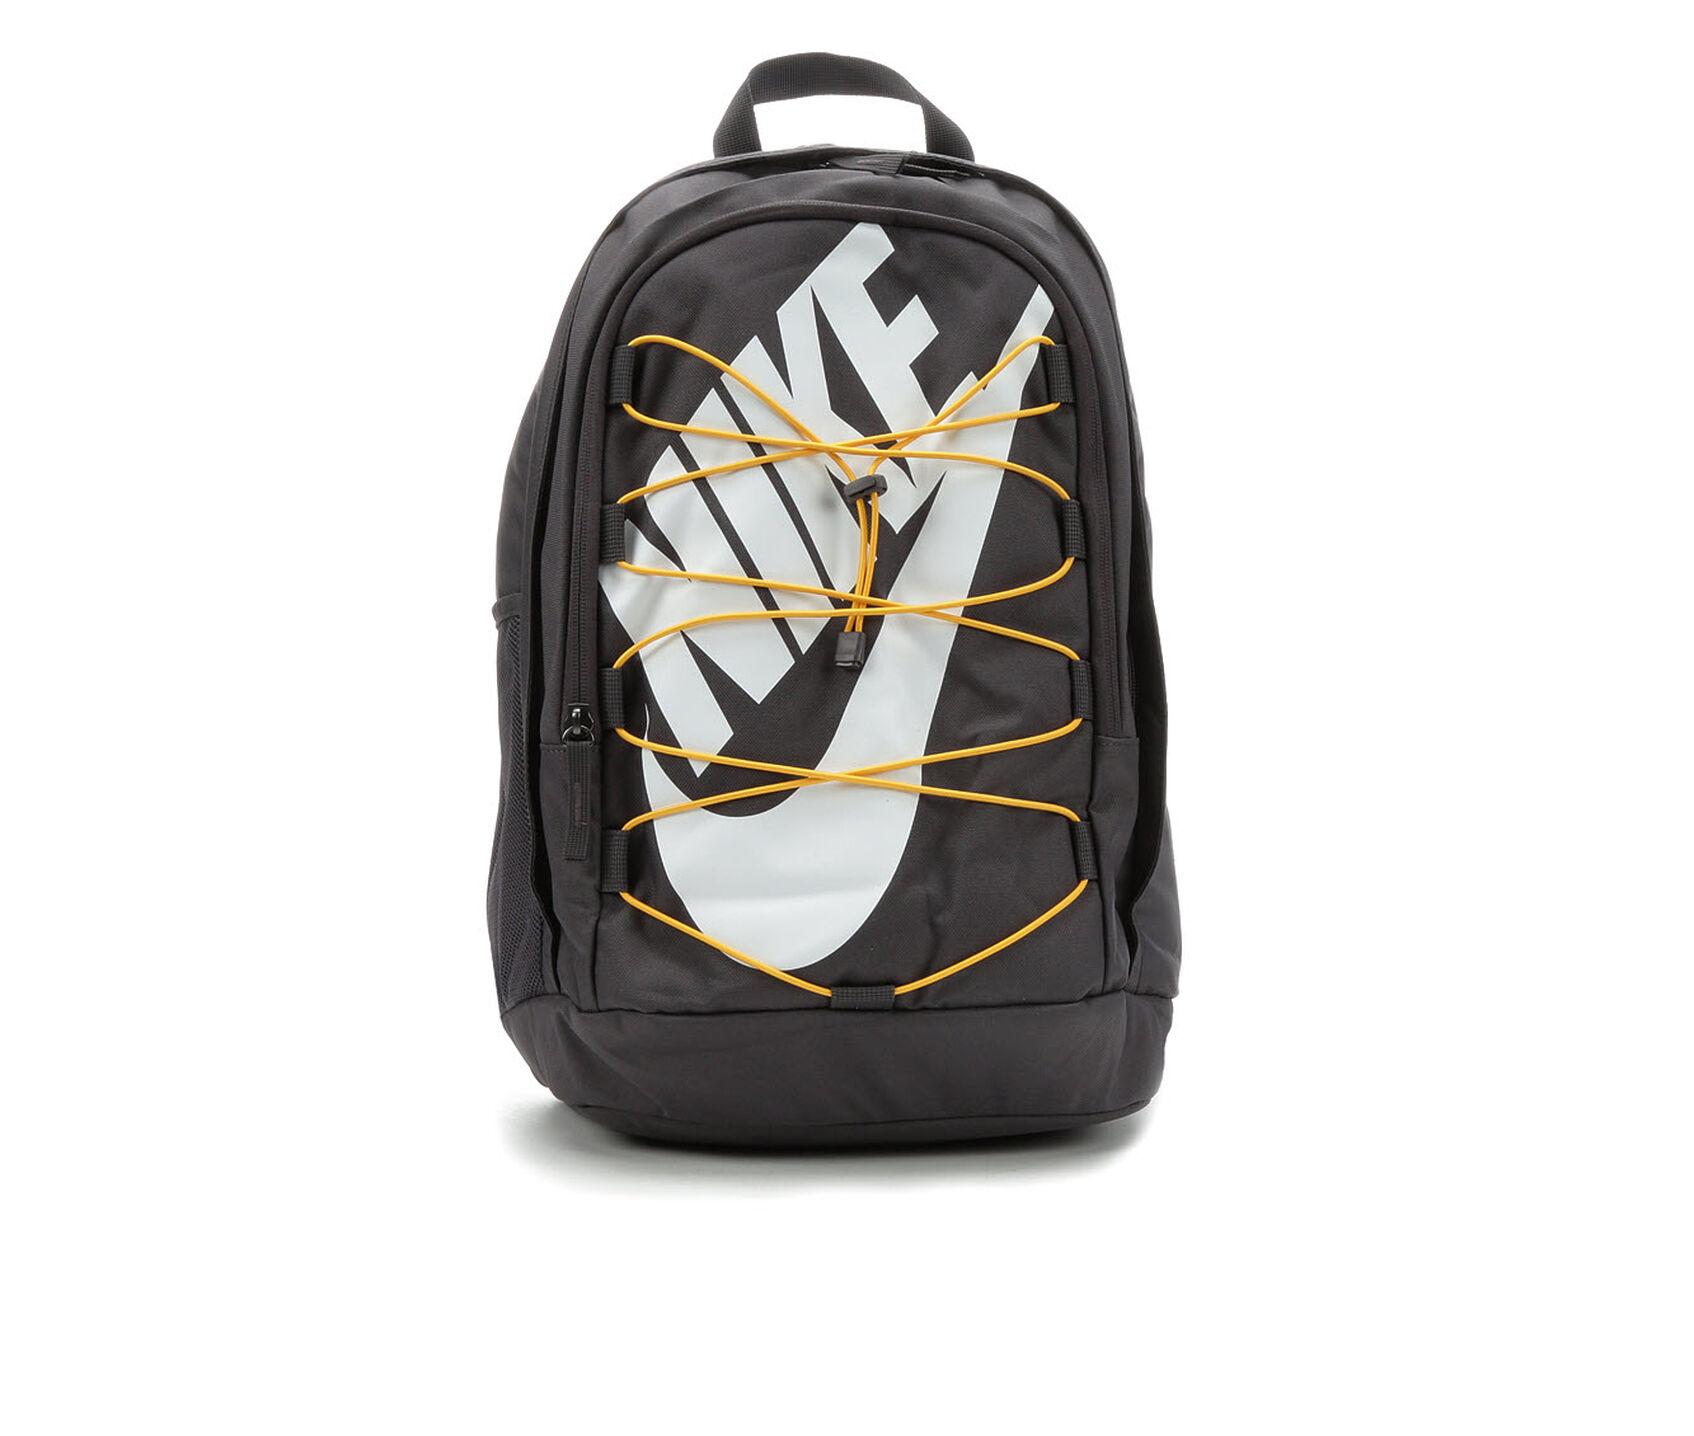 ficción Imaginación ellos  Nike Hayward Futura Backpack | Shoe Carnival